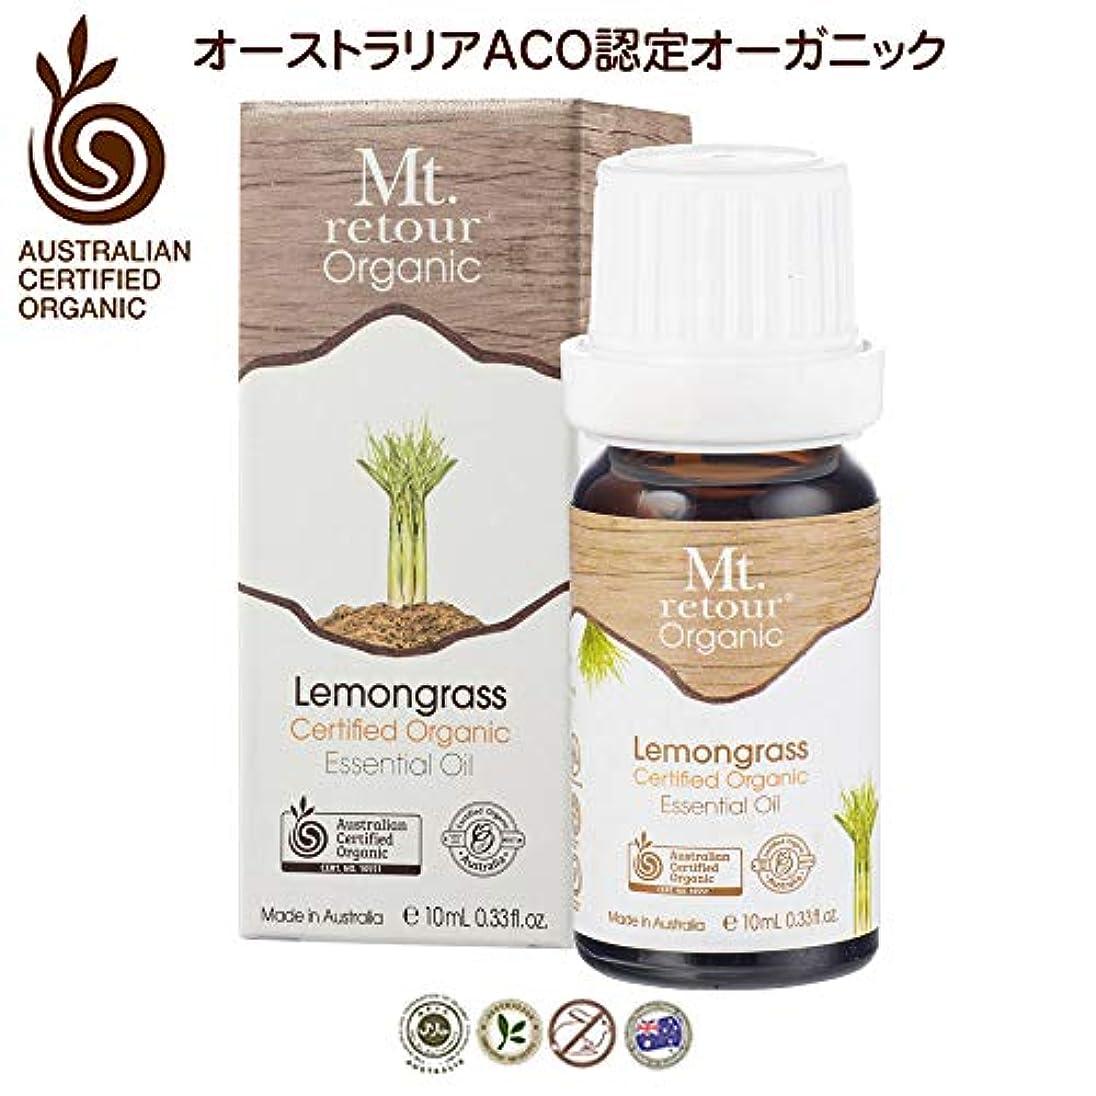 くびれた技術反対したMt. retour ACO認定オーガニック レモングラス 10ml エッセンシャルオイル(無農薬有機)アロマ